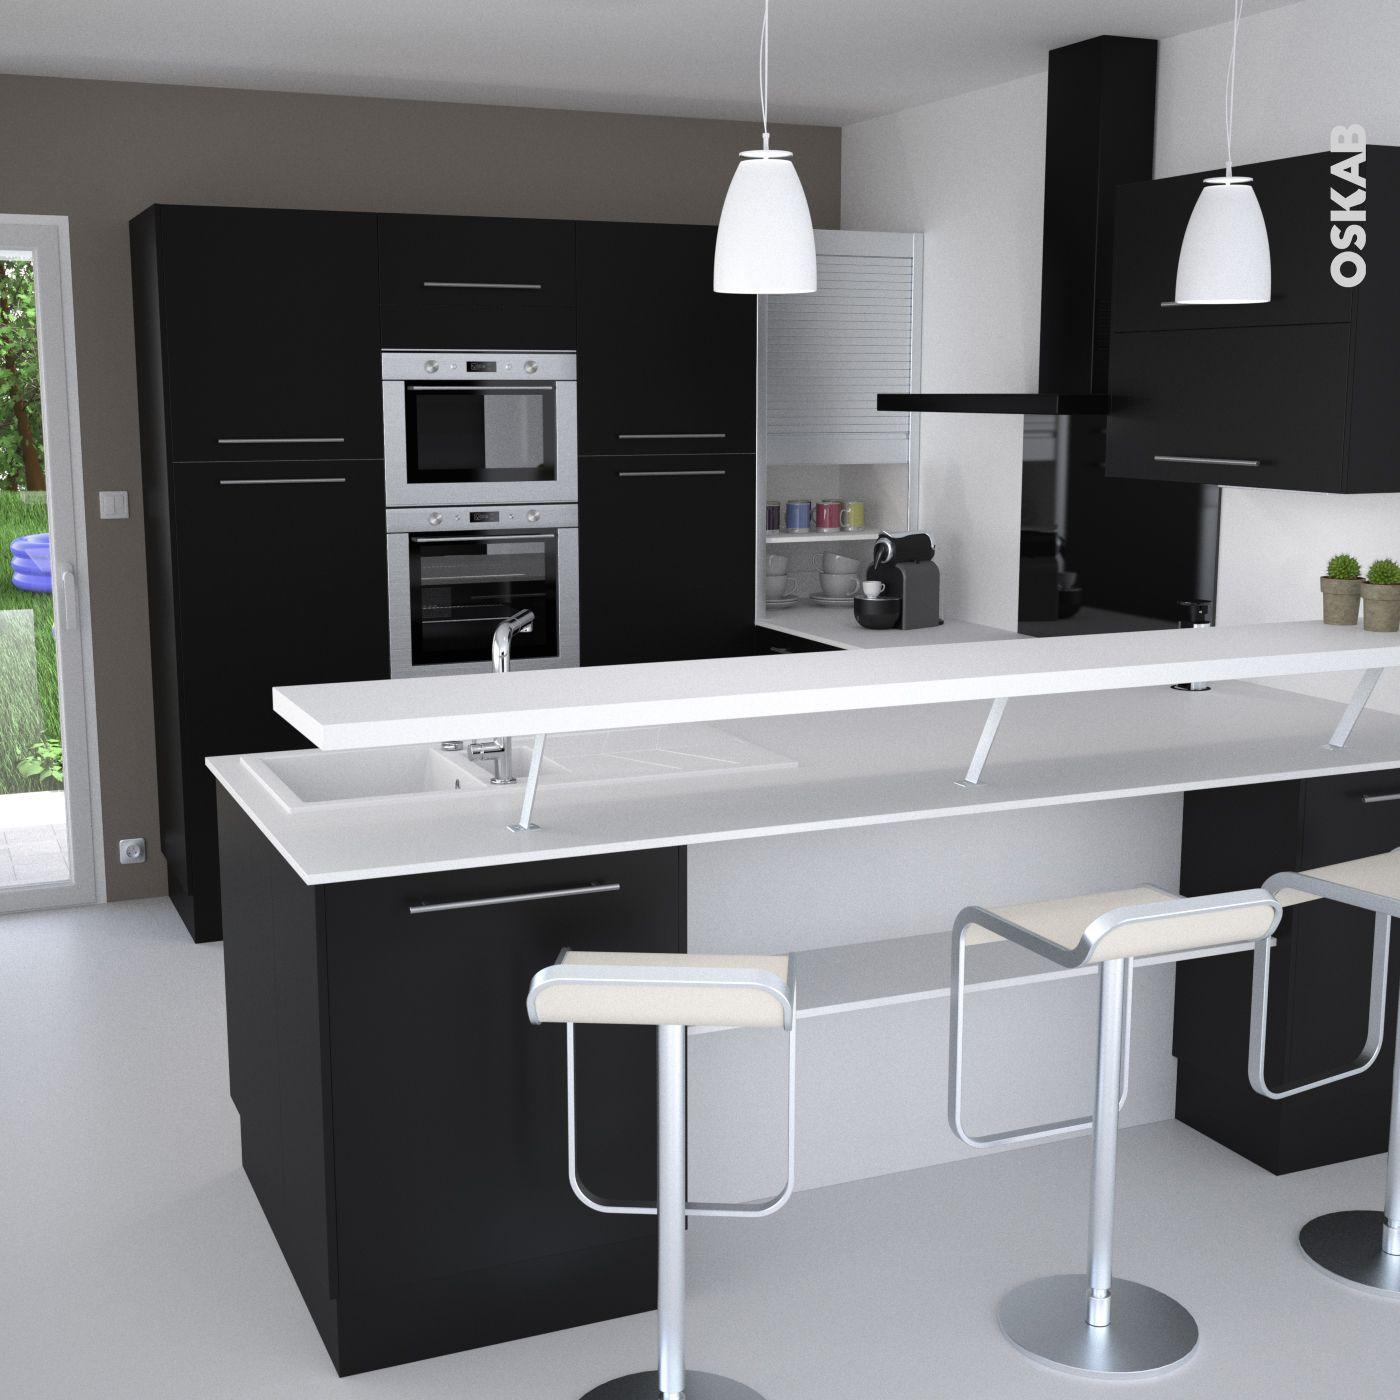 Cuisine noire porte effet soft touch ginko noir mat - Cuisine design noir et blanche ...